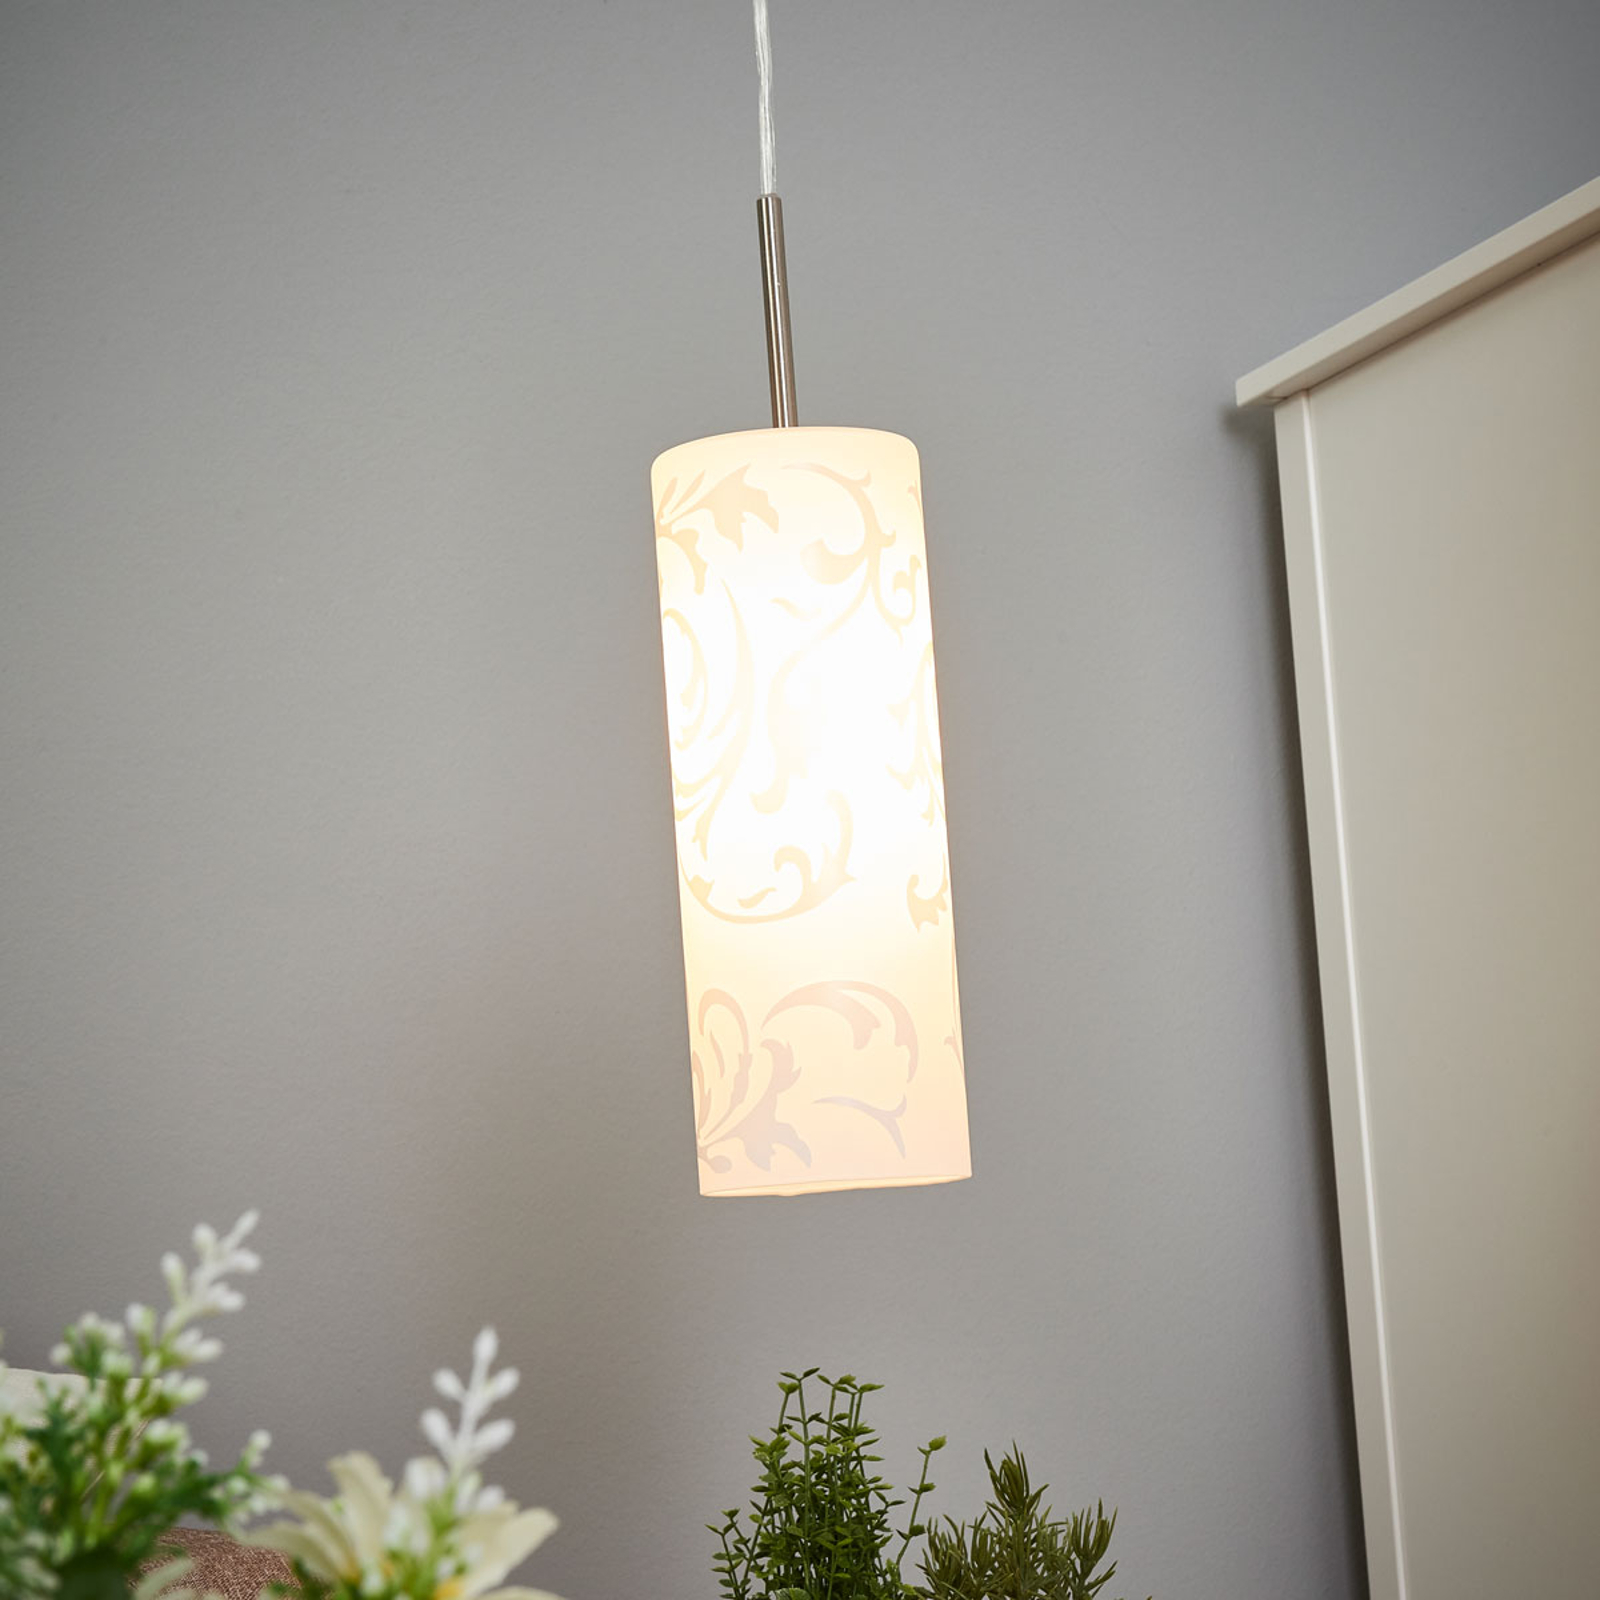 Amanda - lampada artistica a sospensione, 1 luce